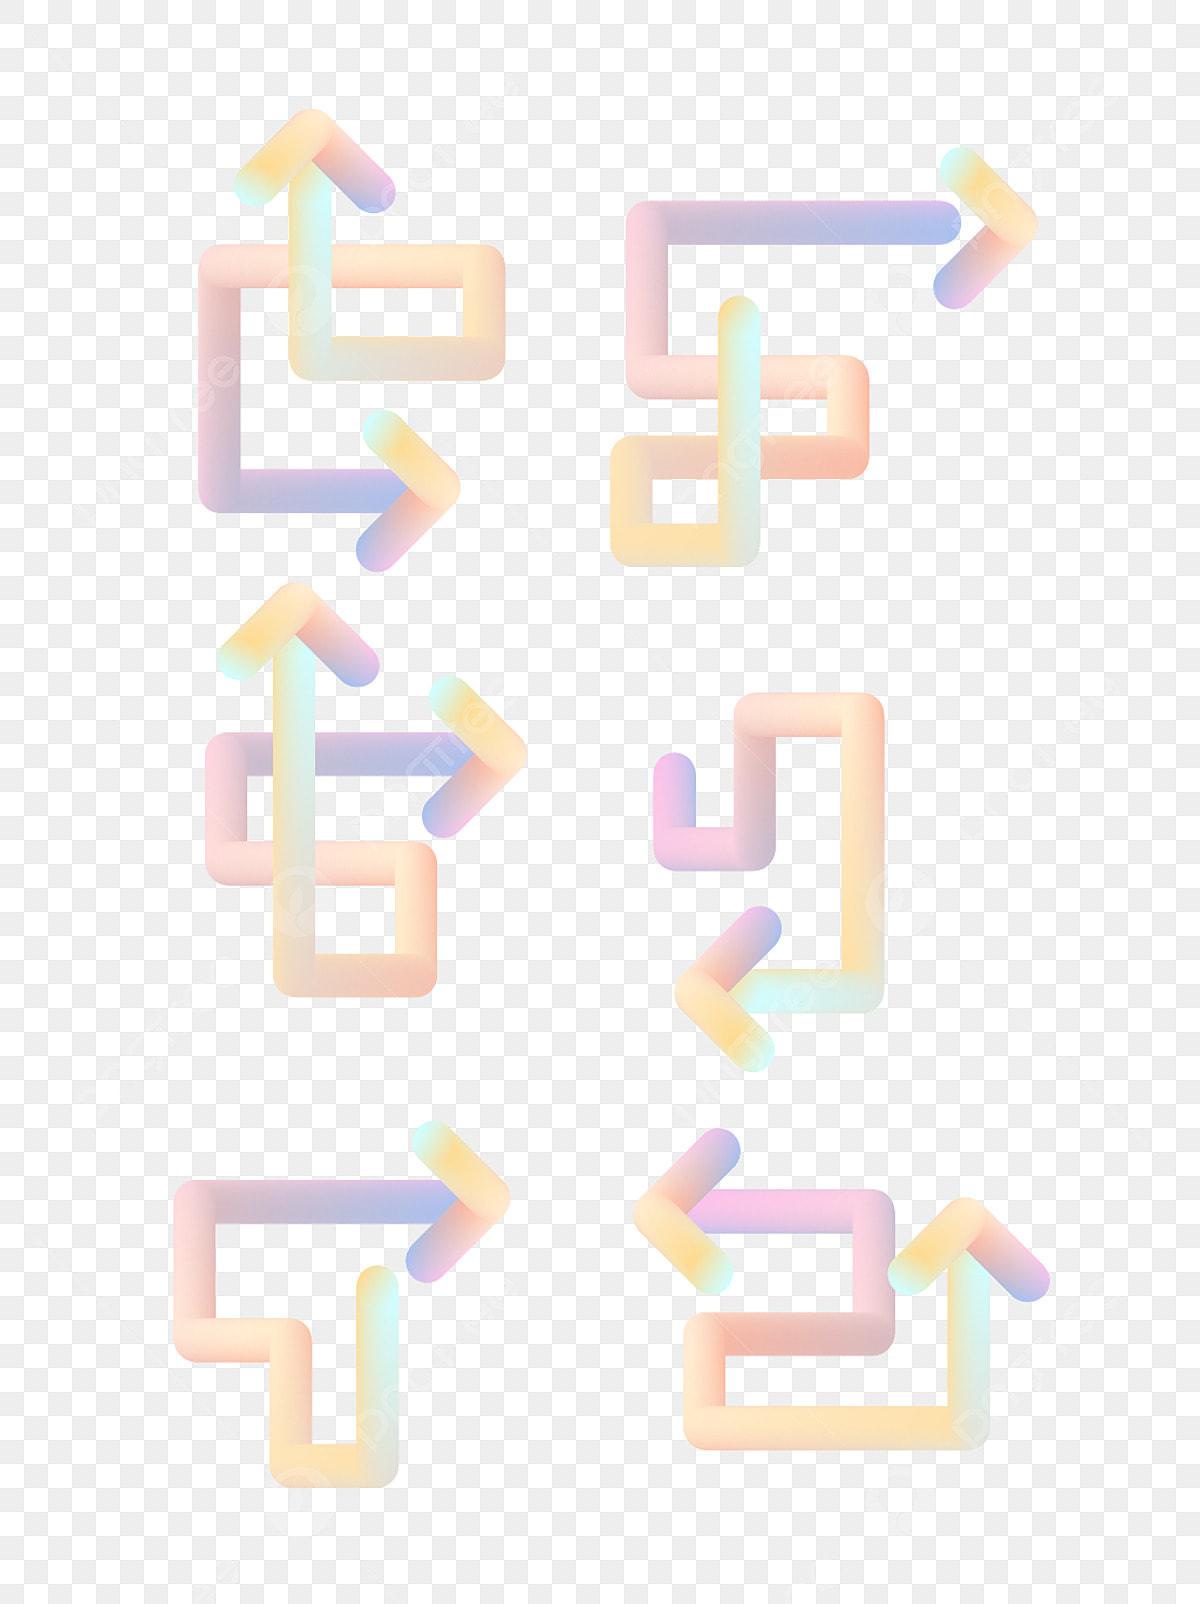 élément De Flèche Dessin Animé Mignon Dégradé Coloré 25d